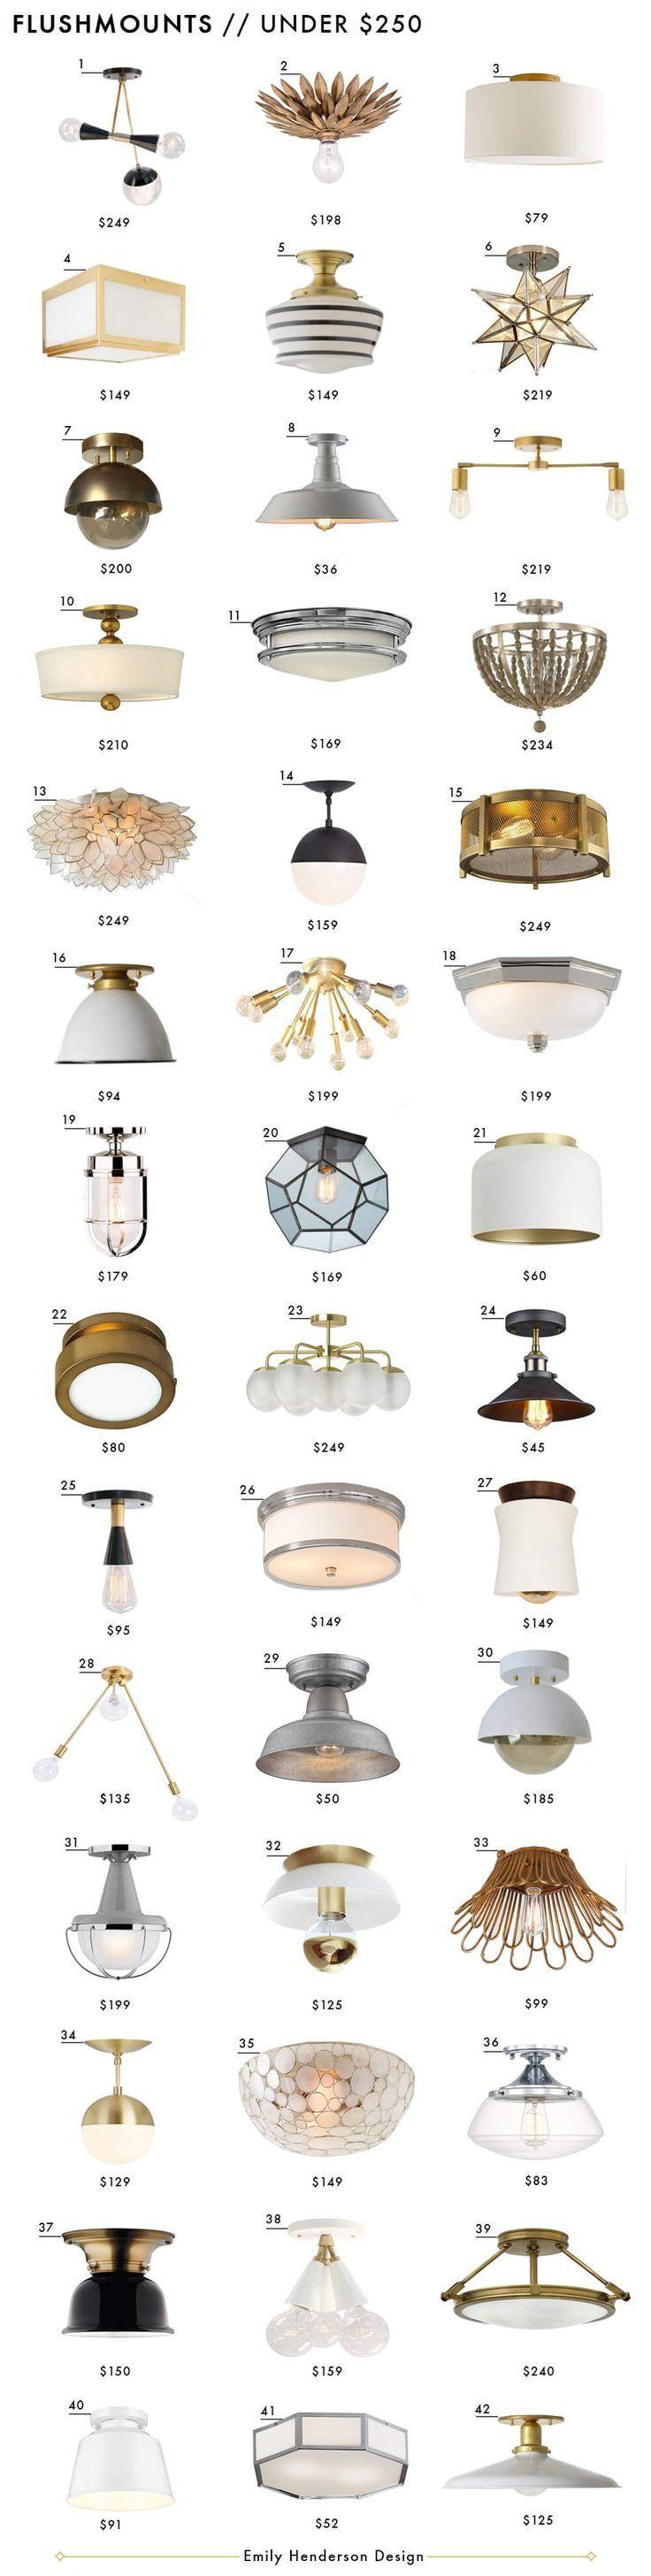 79 best Lighting images on Pinterest